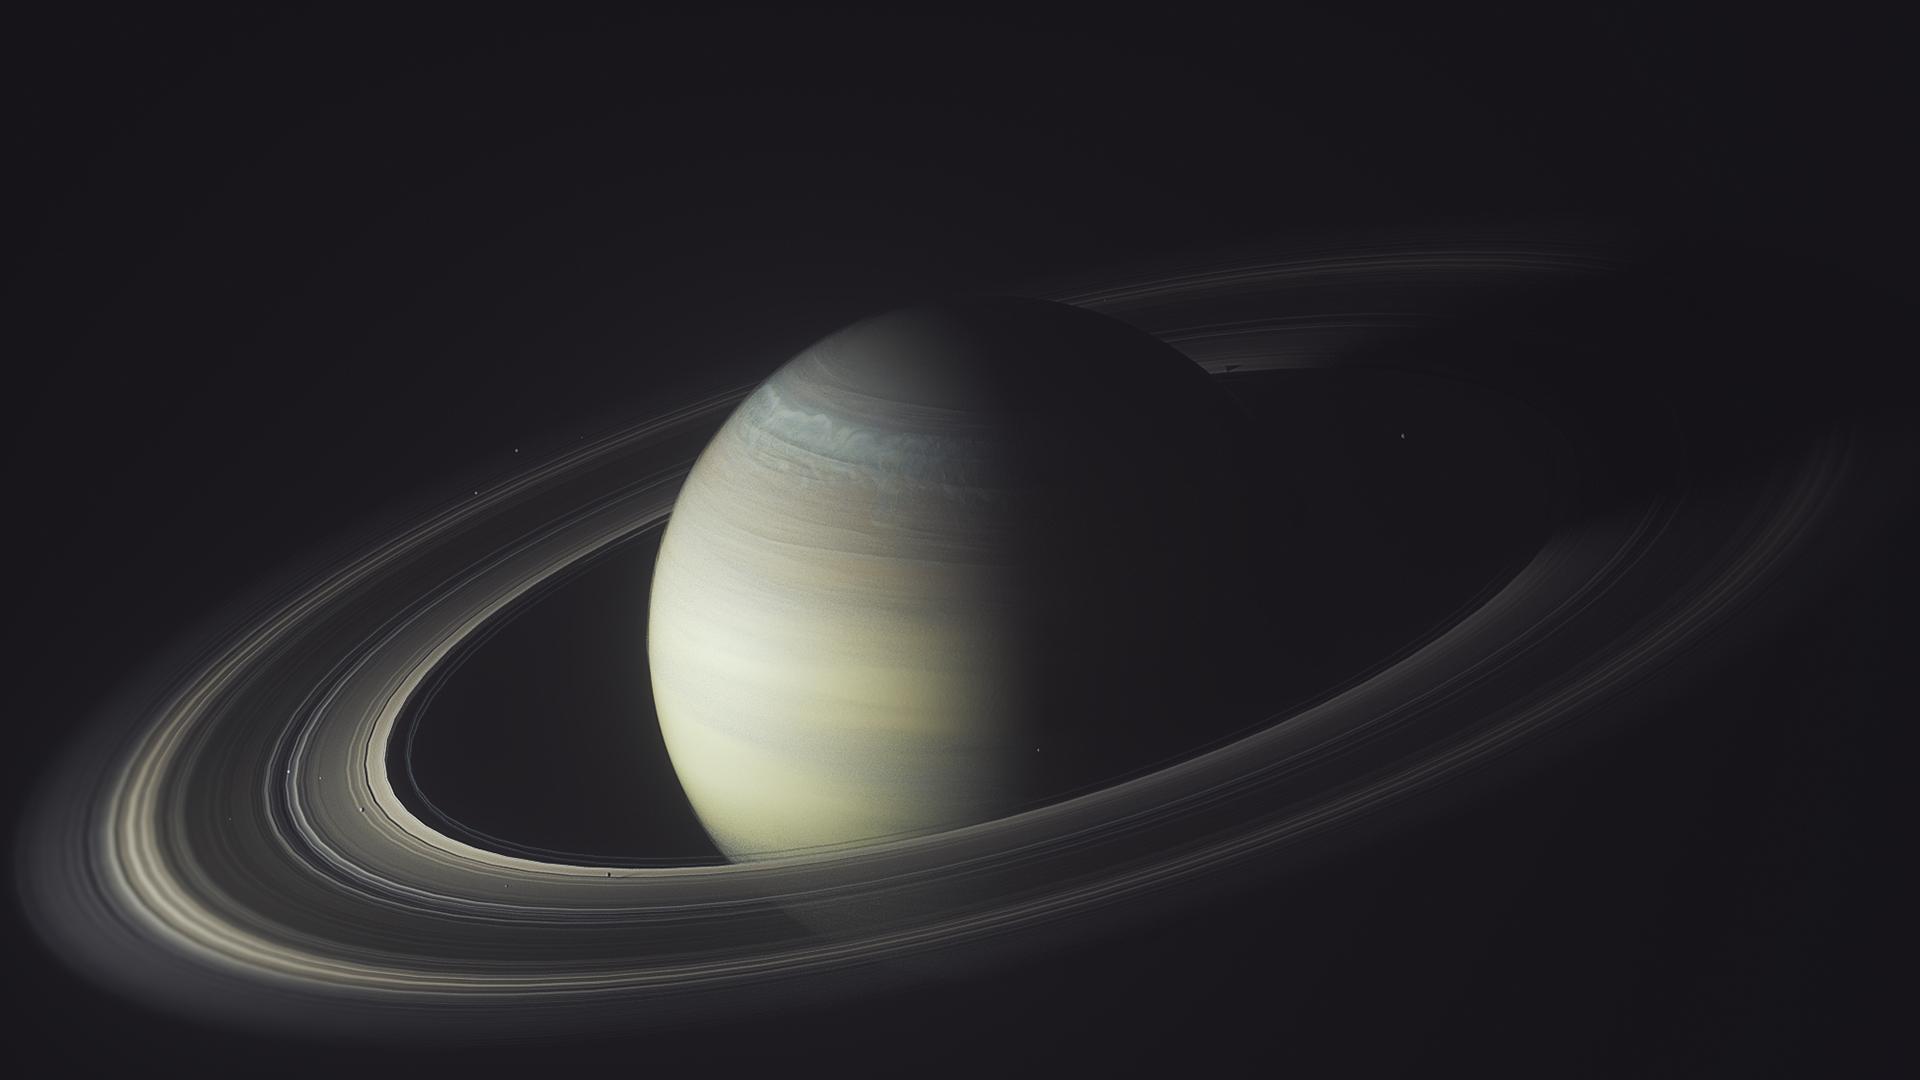 Space Saturn Asteroid Universe Planet Dark